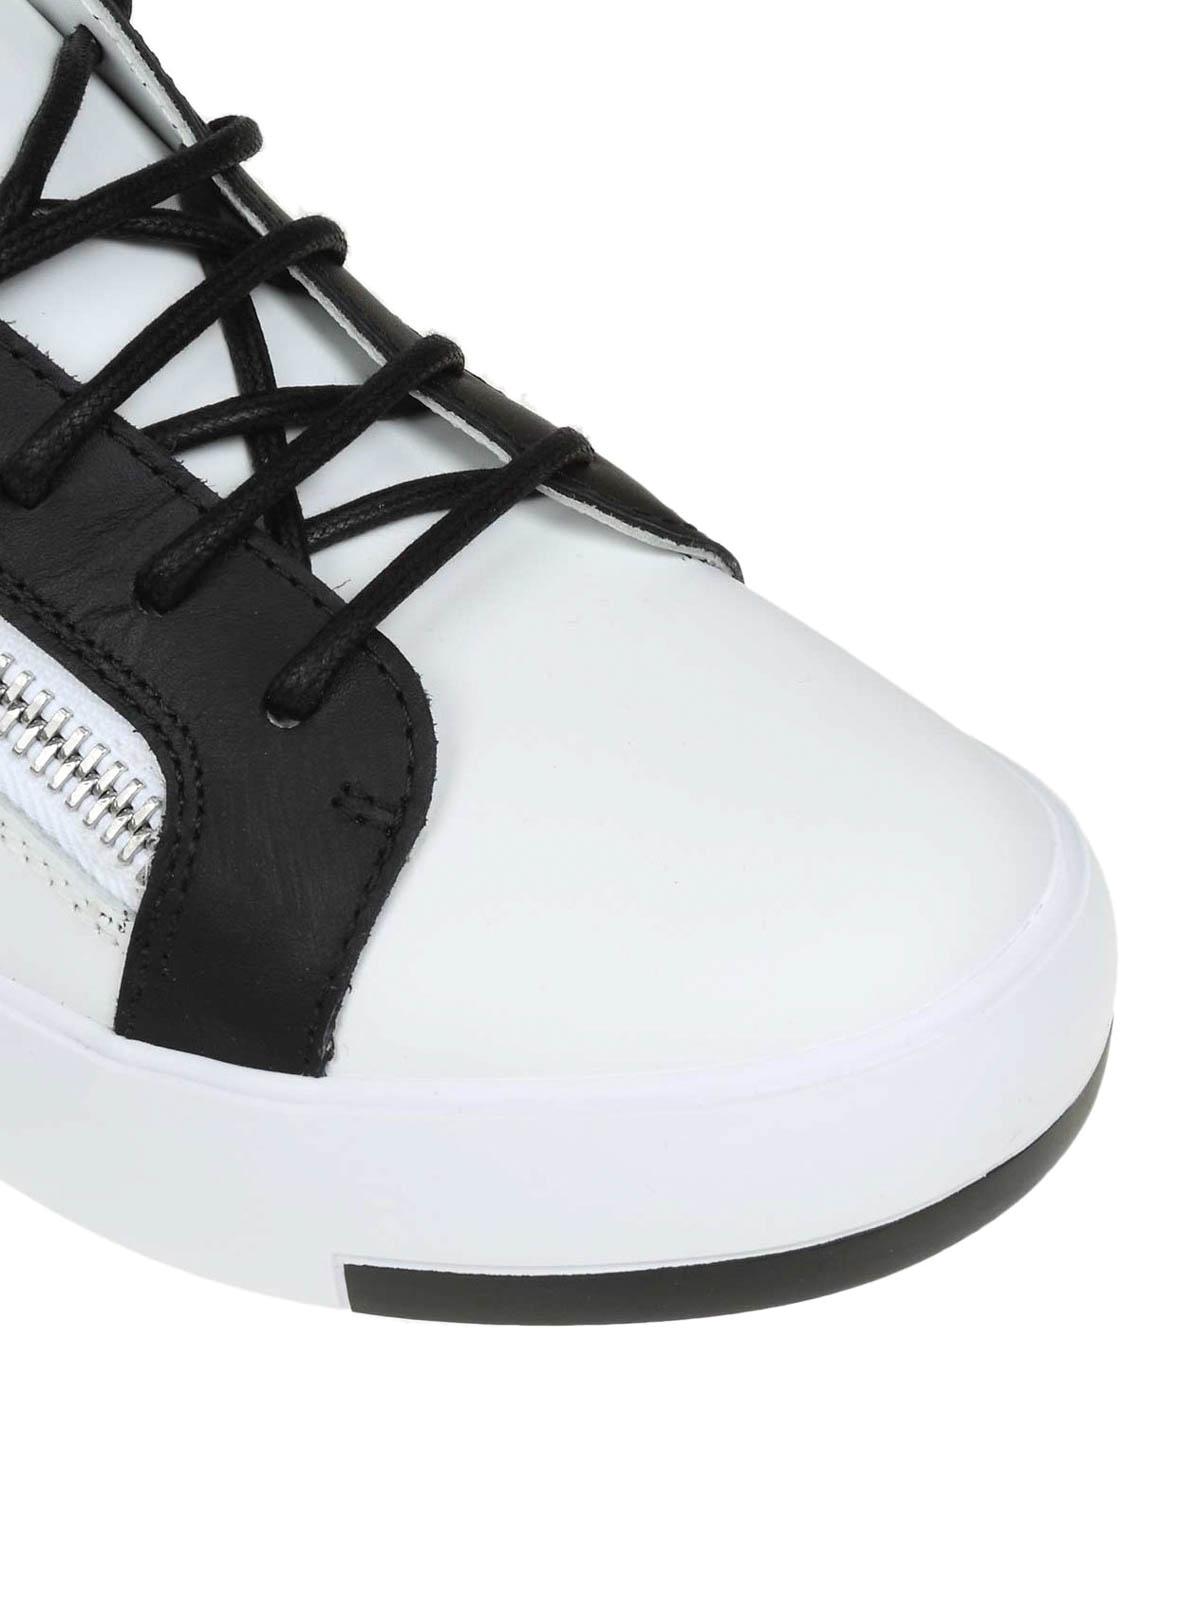 b1508b75c5b70 Fashion Sneakers Giuseppe Zanotti Womens Rs90036 Sneaker